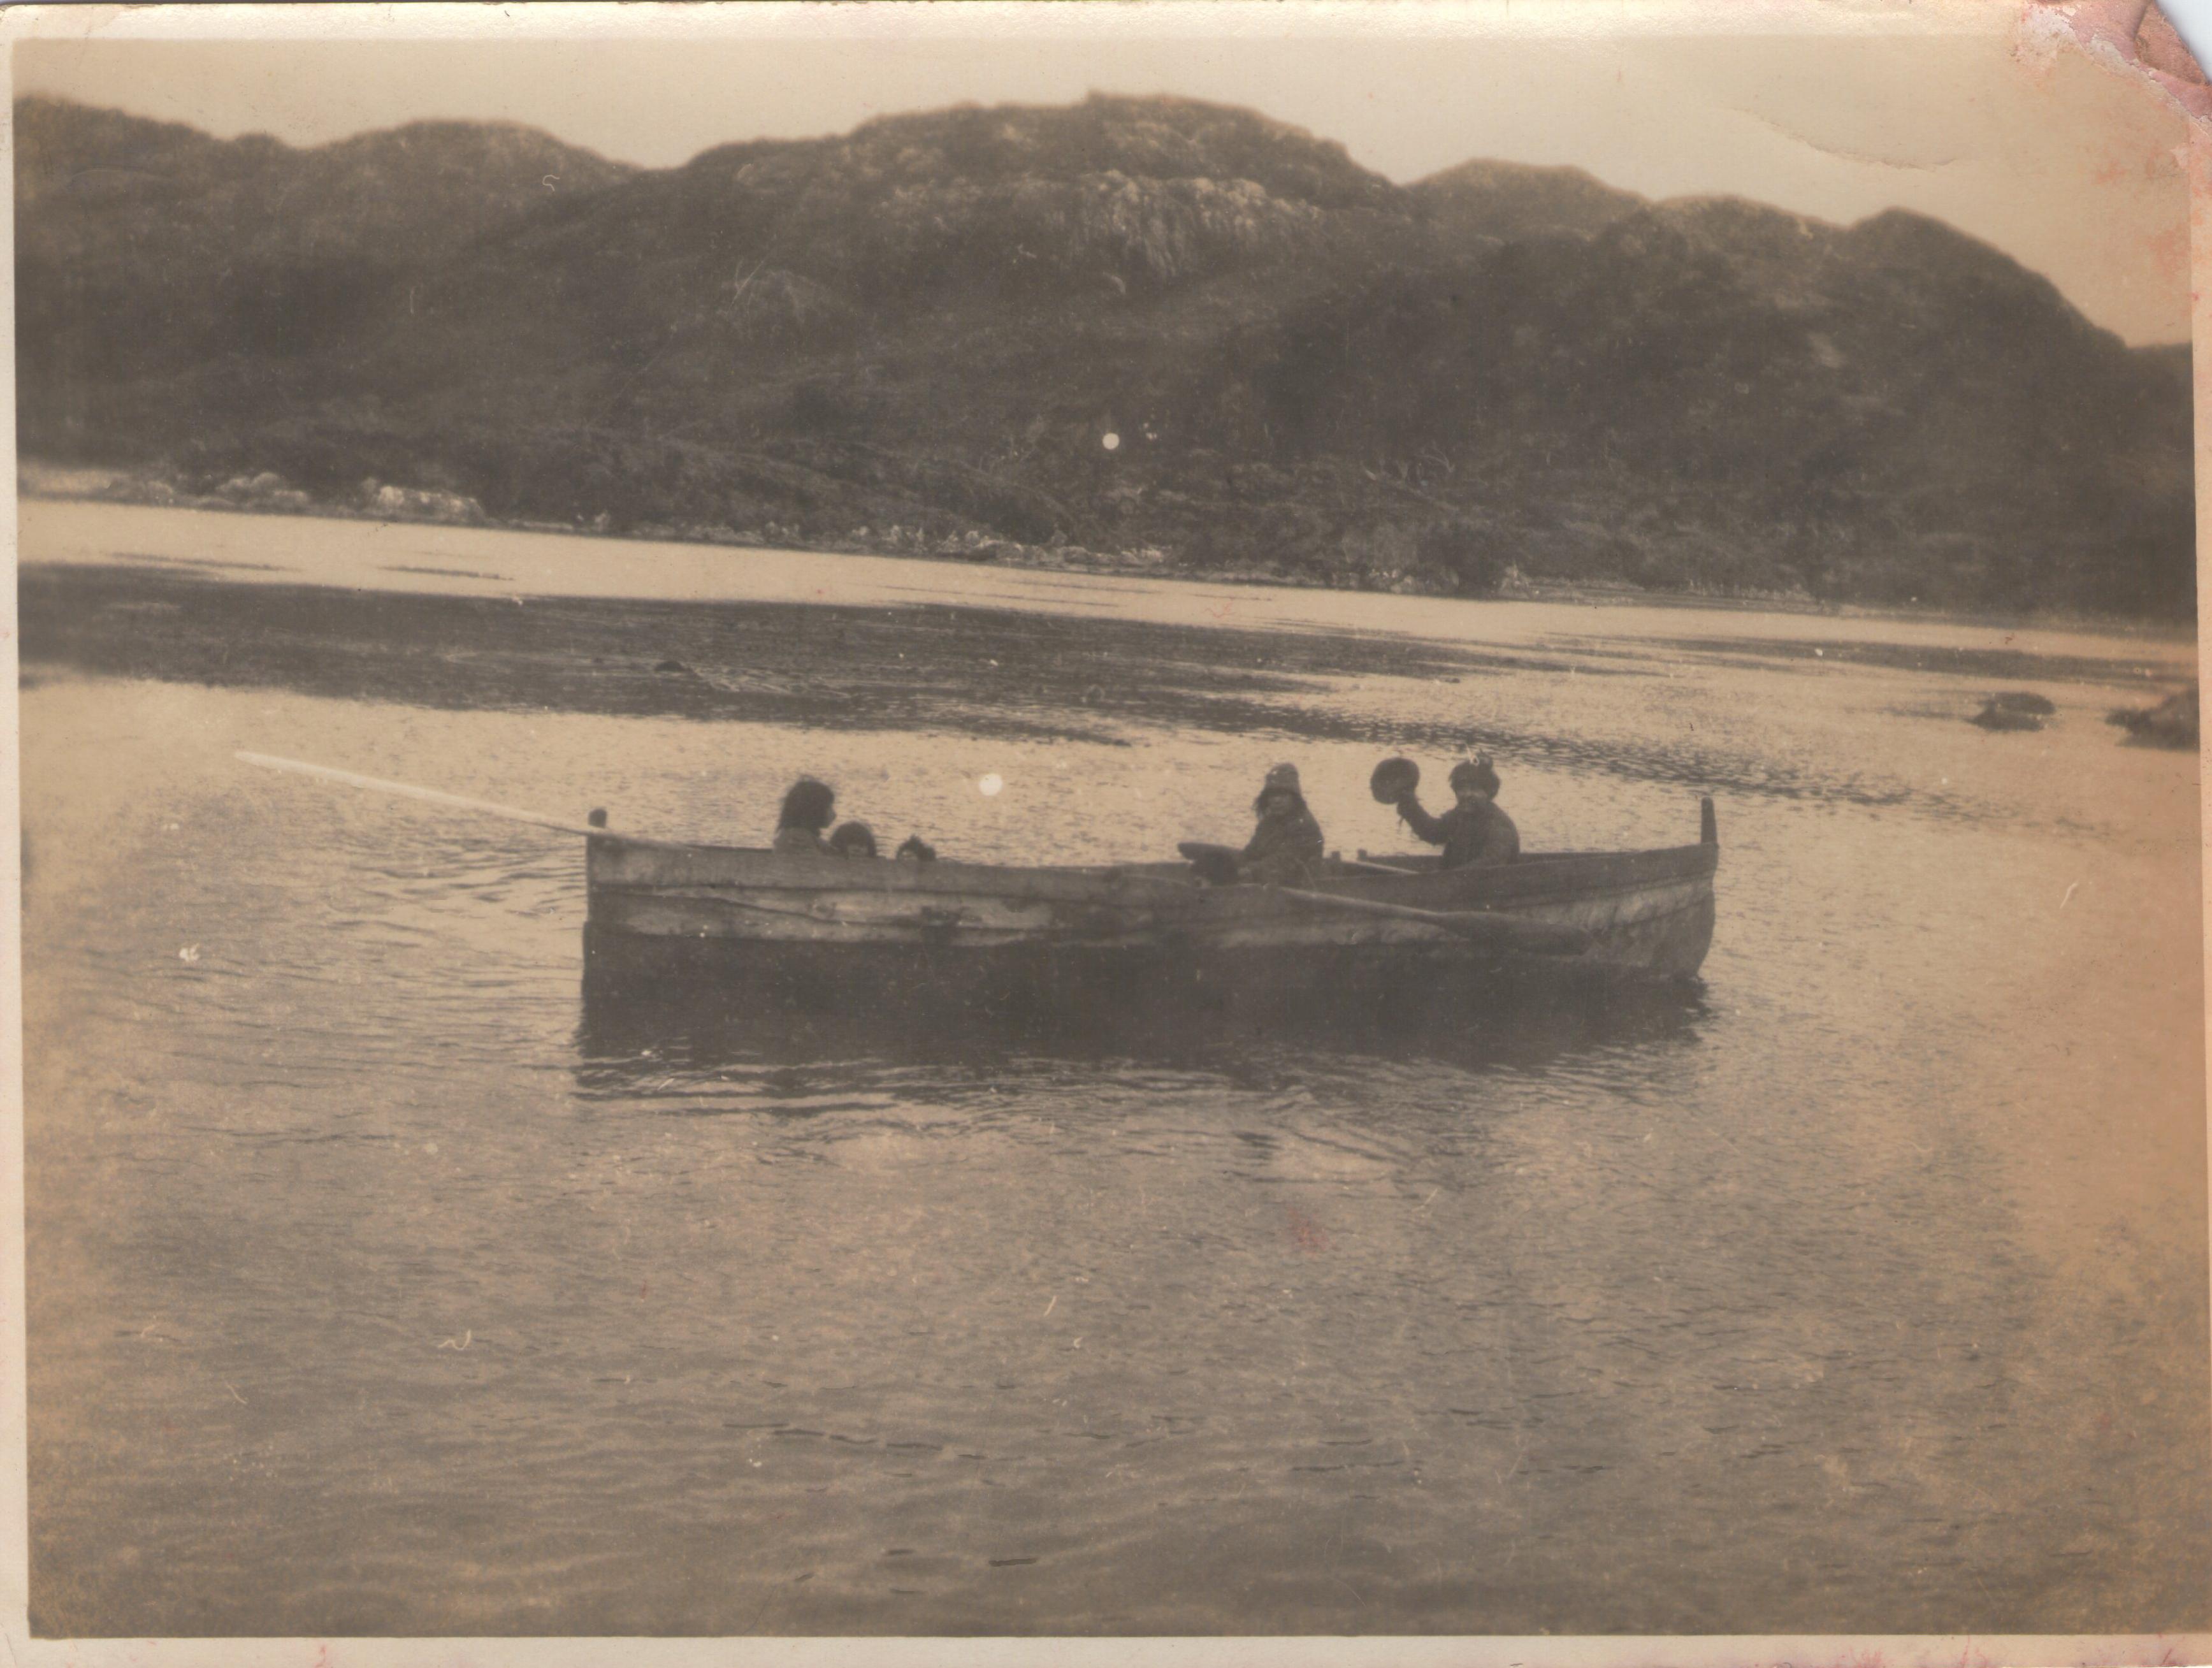 Enterreno - Fotos históricas de chile - fotos antiguas de Chile - Aborígenes de Tierra del Fuego, 1929